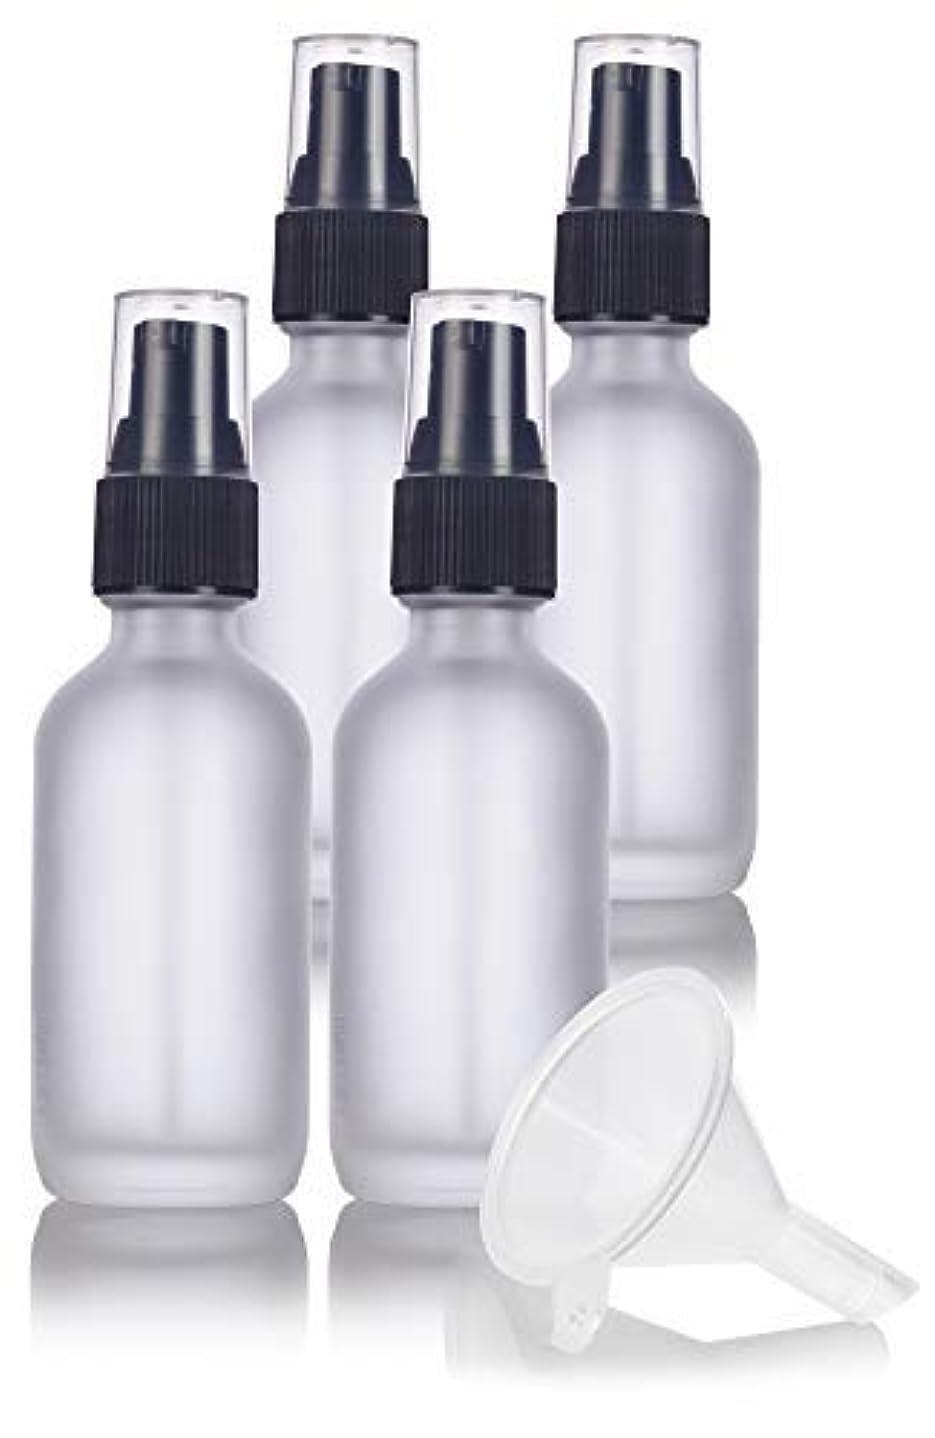 悪化させるスクラブ防ぐ2 oz Frosted Clear Glass Boston Round Treatment Pump Bottle (4 pack) + Funnel and Labels for cosmetics, serums...